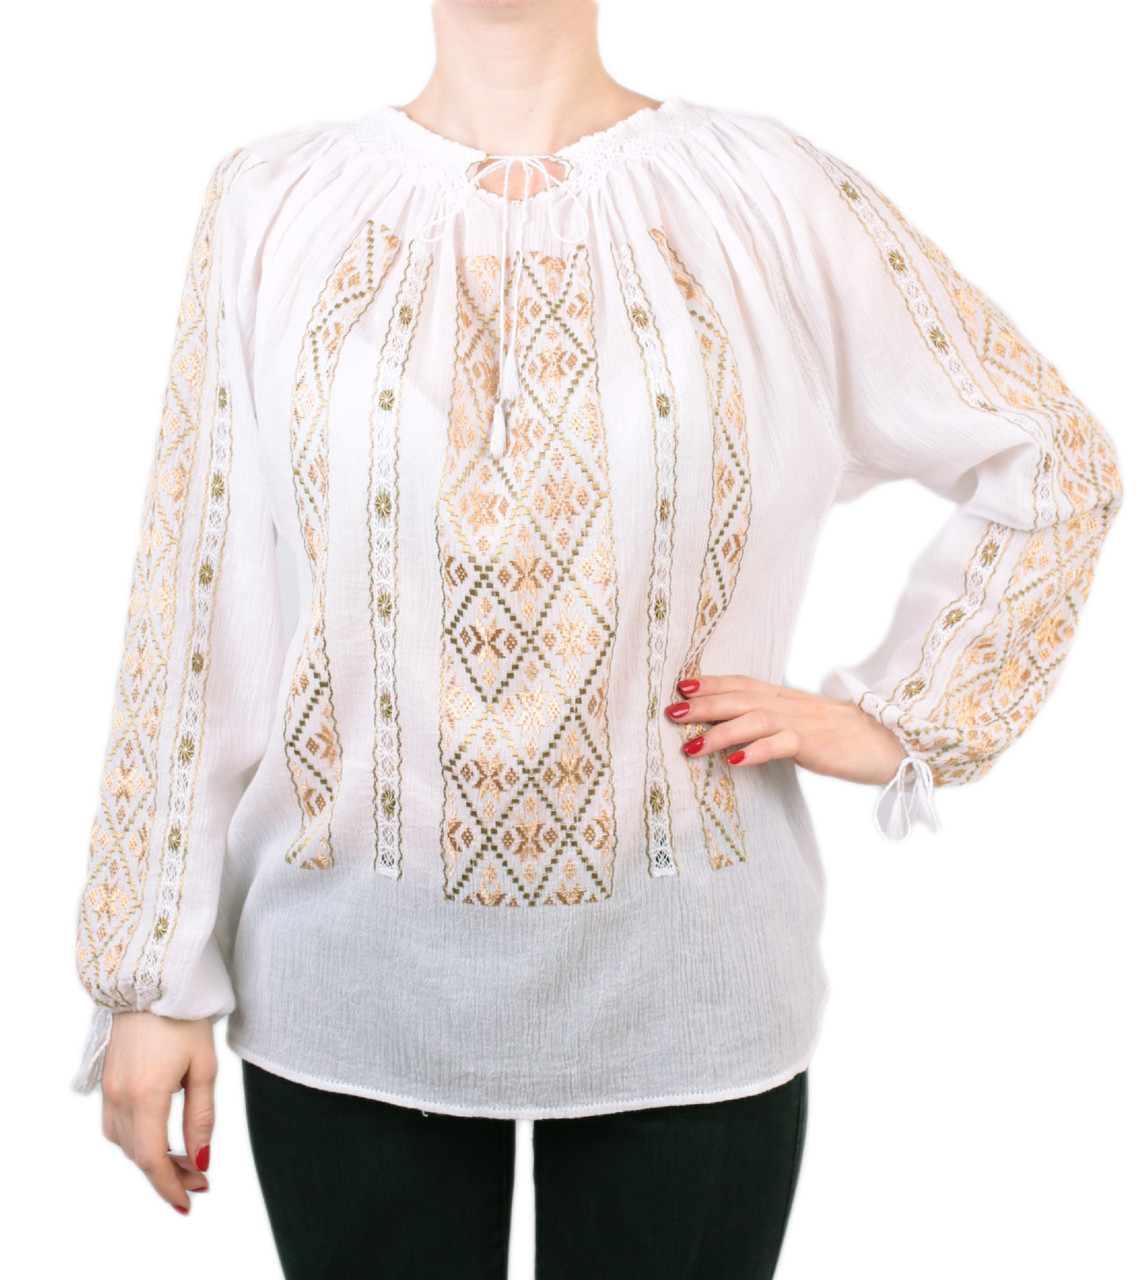 Жіноча вишита сорочка/блузка марльовка з золотистим орнаментом